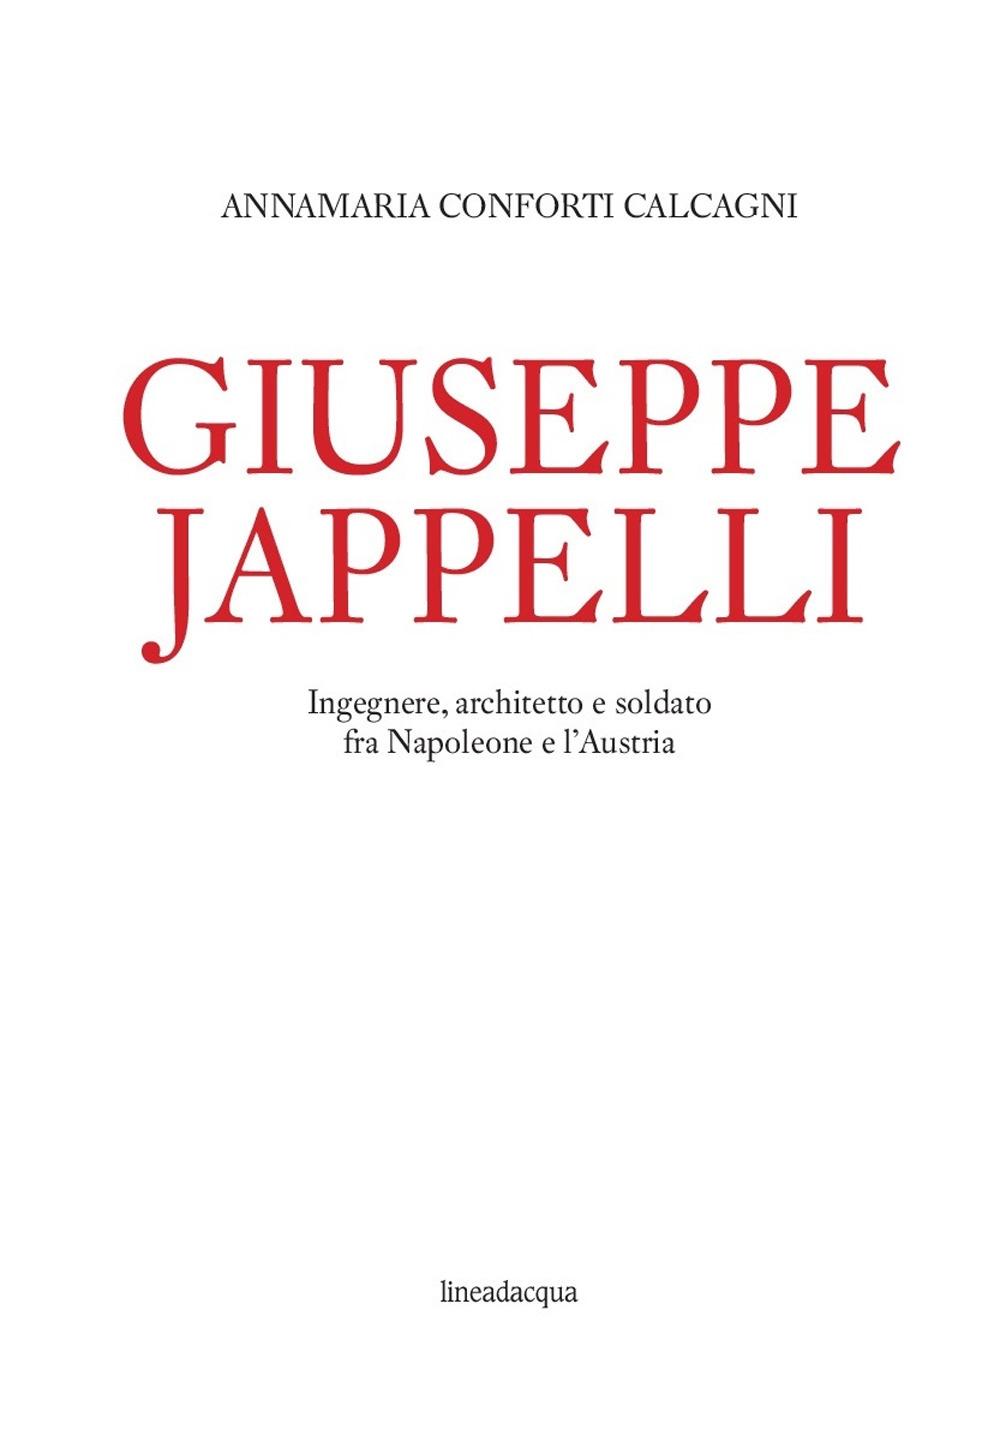 Giuseppe Jappelli. Ingegnere, architetto e soldato fra Napoleone e l'Austria